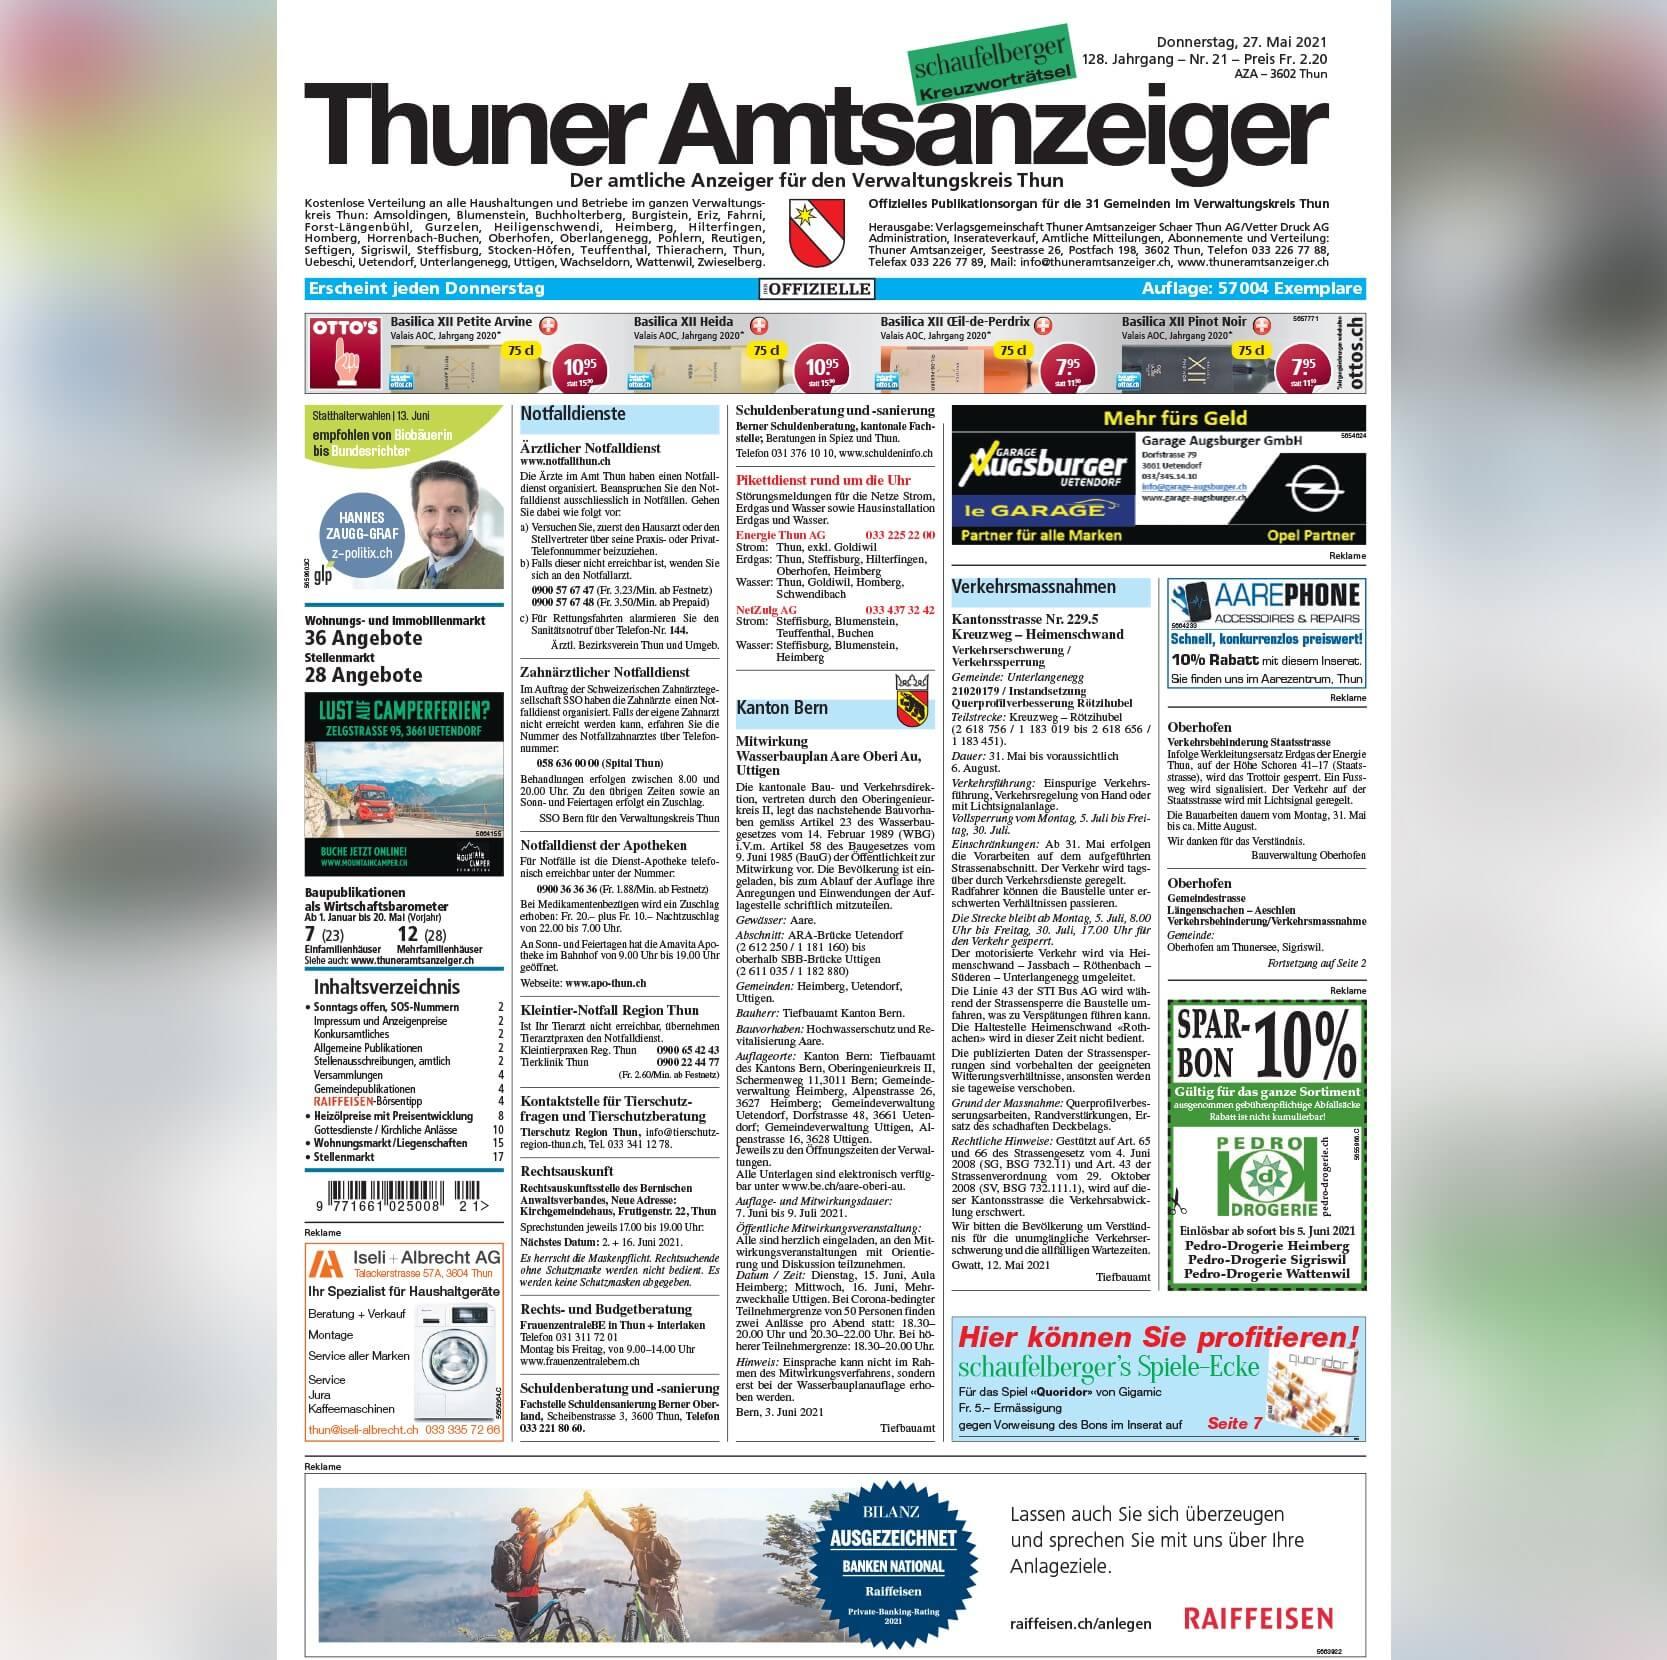 https://www.haar-werk.ch/wp-content/uploads/2021/05/Thuner-Amtsanzeiger-1.jpg